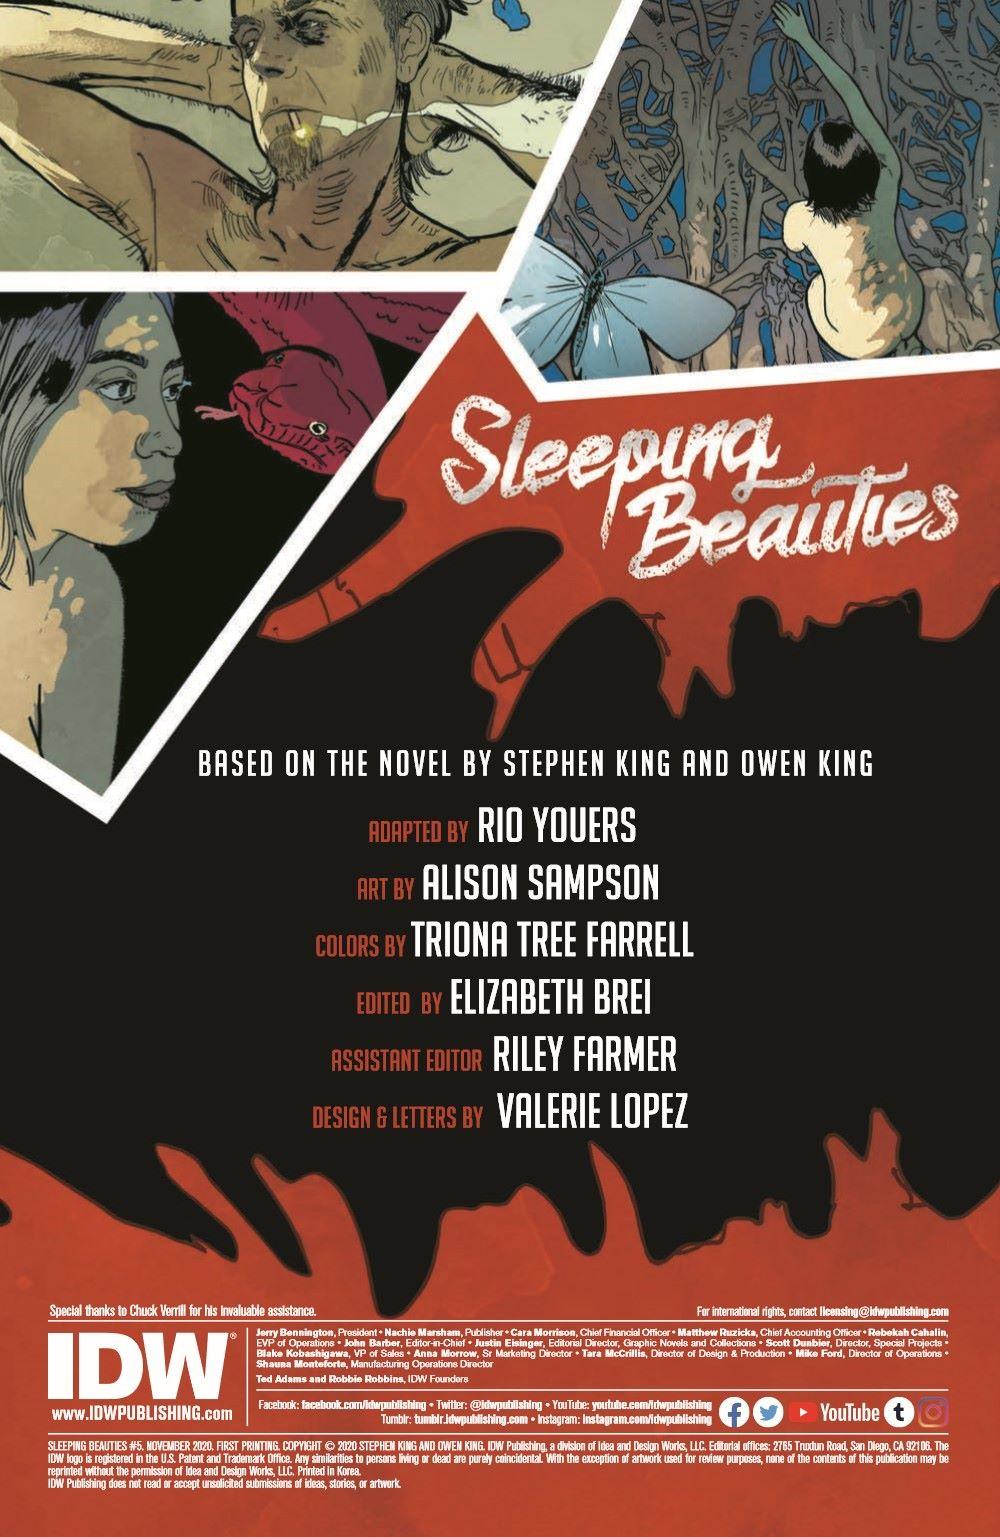 SleepingBeauties_05_pr-2 ComicList Previews: SLEEPING BEAUTIES #5 (OF 10)